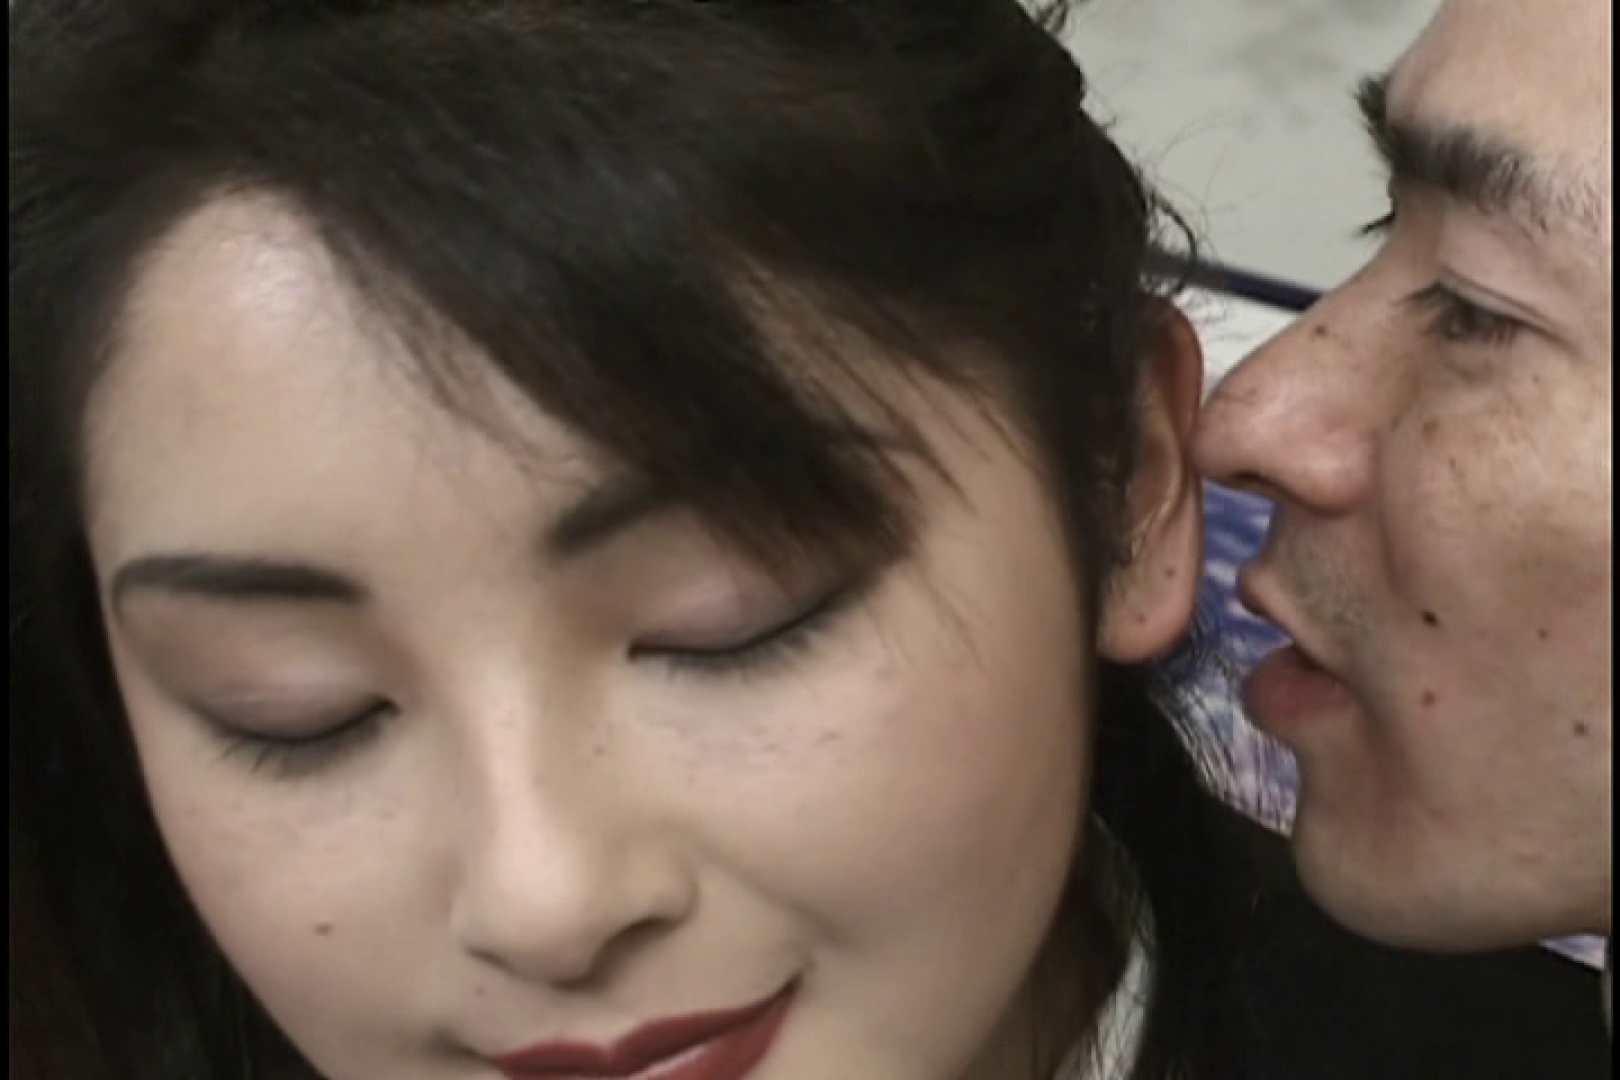 エロフェロモン全開の90センチ巨乳の淫乱人妻とSEX~篠崎麻美~ 人妻のエロ生活 おまんこ無修正動画無料 81連発 40